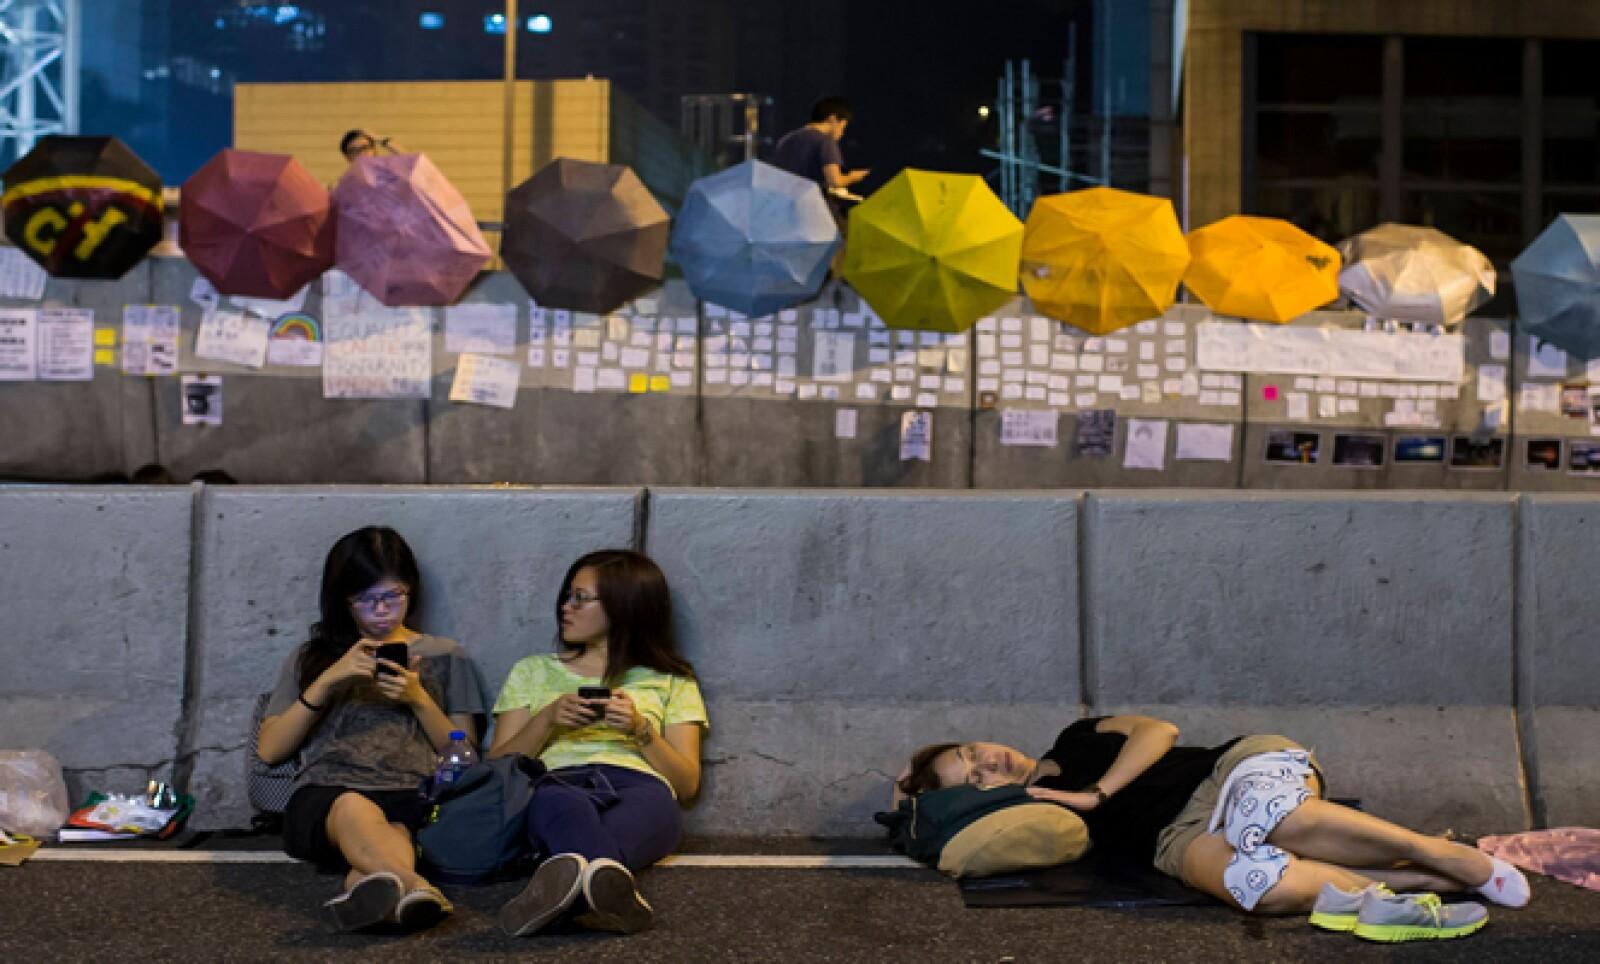 Los manifestantes de Hong Kong que piden democracia y  elecciones libres, respetan los espacios públicos y escriben sus consignas en papeles y las pegan en los muros.